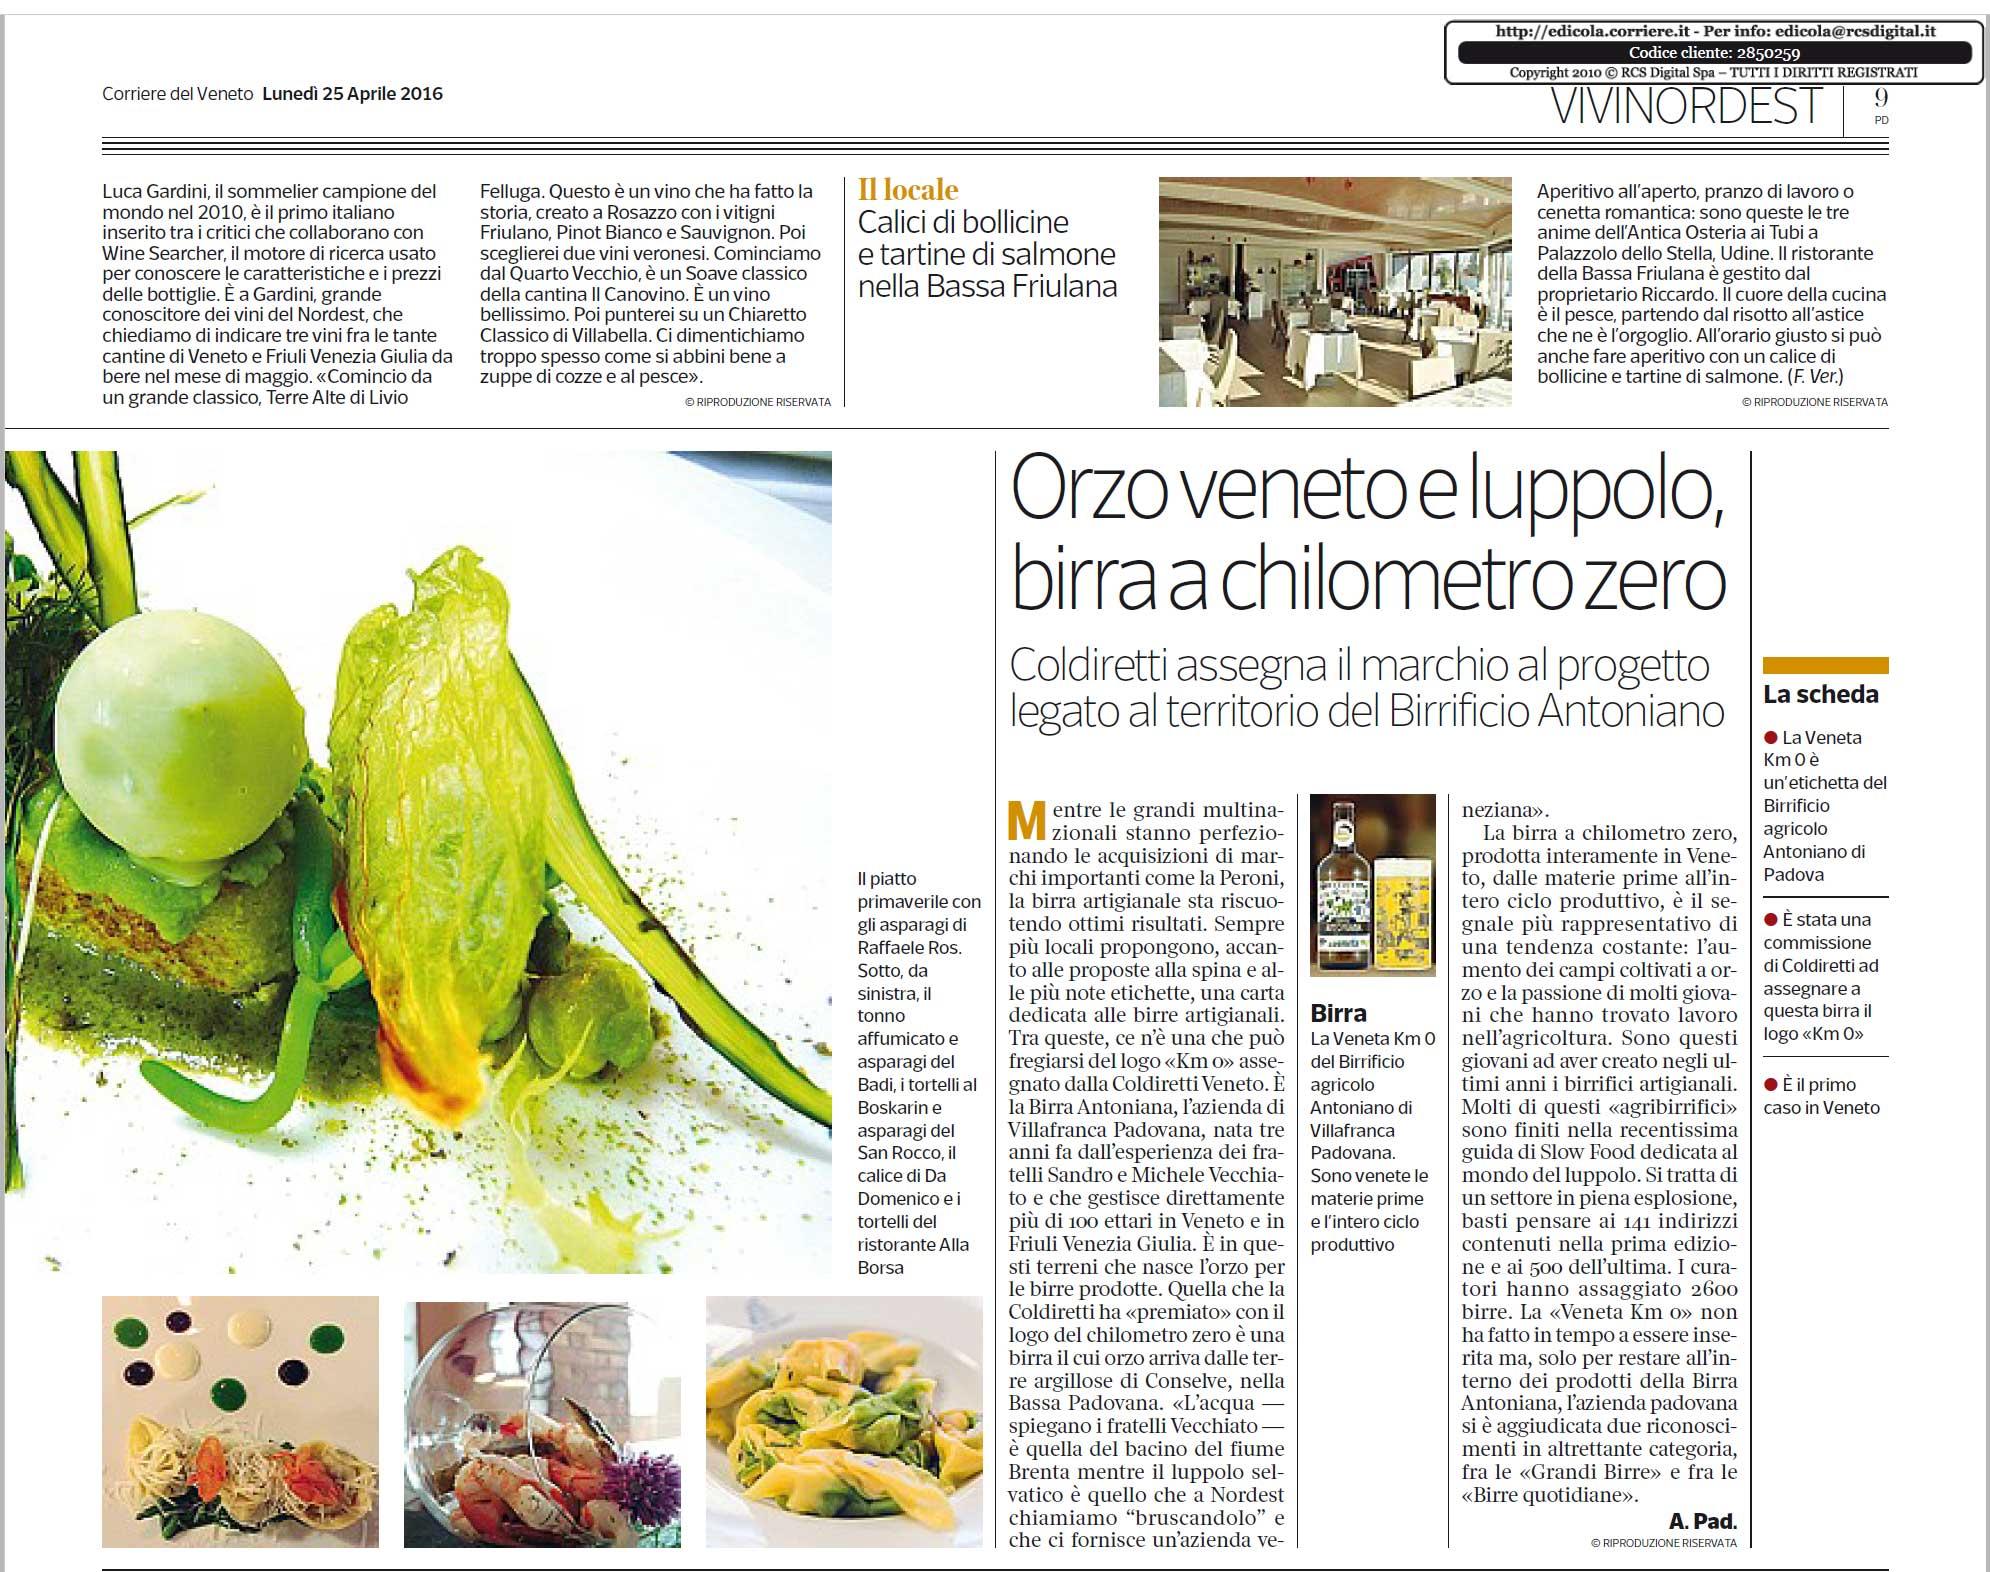 Asparagi-gusto-verde-nel-piatto02